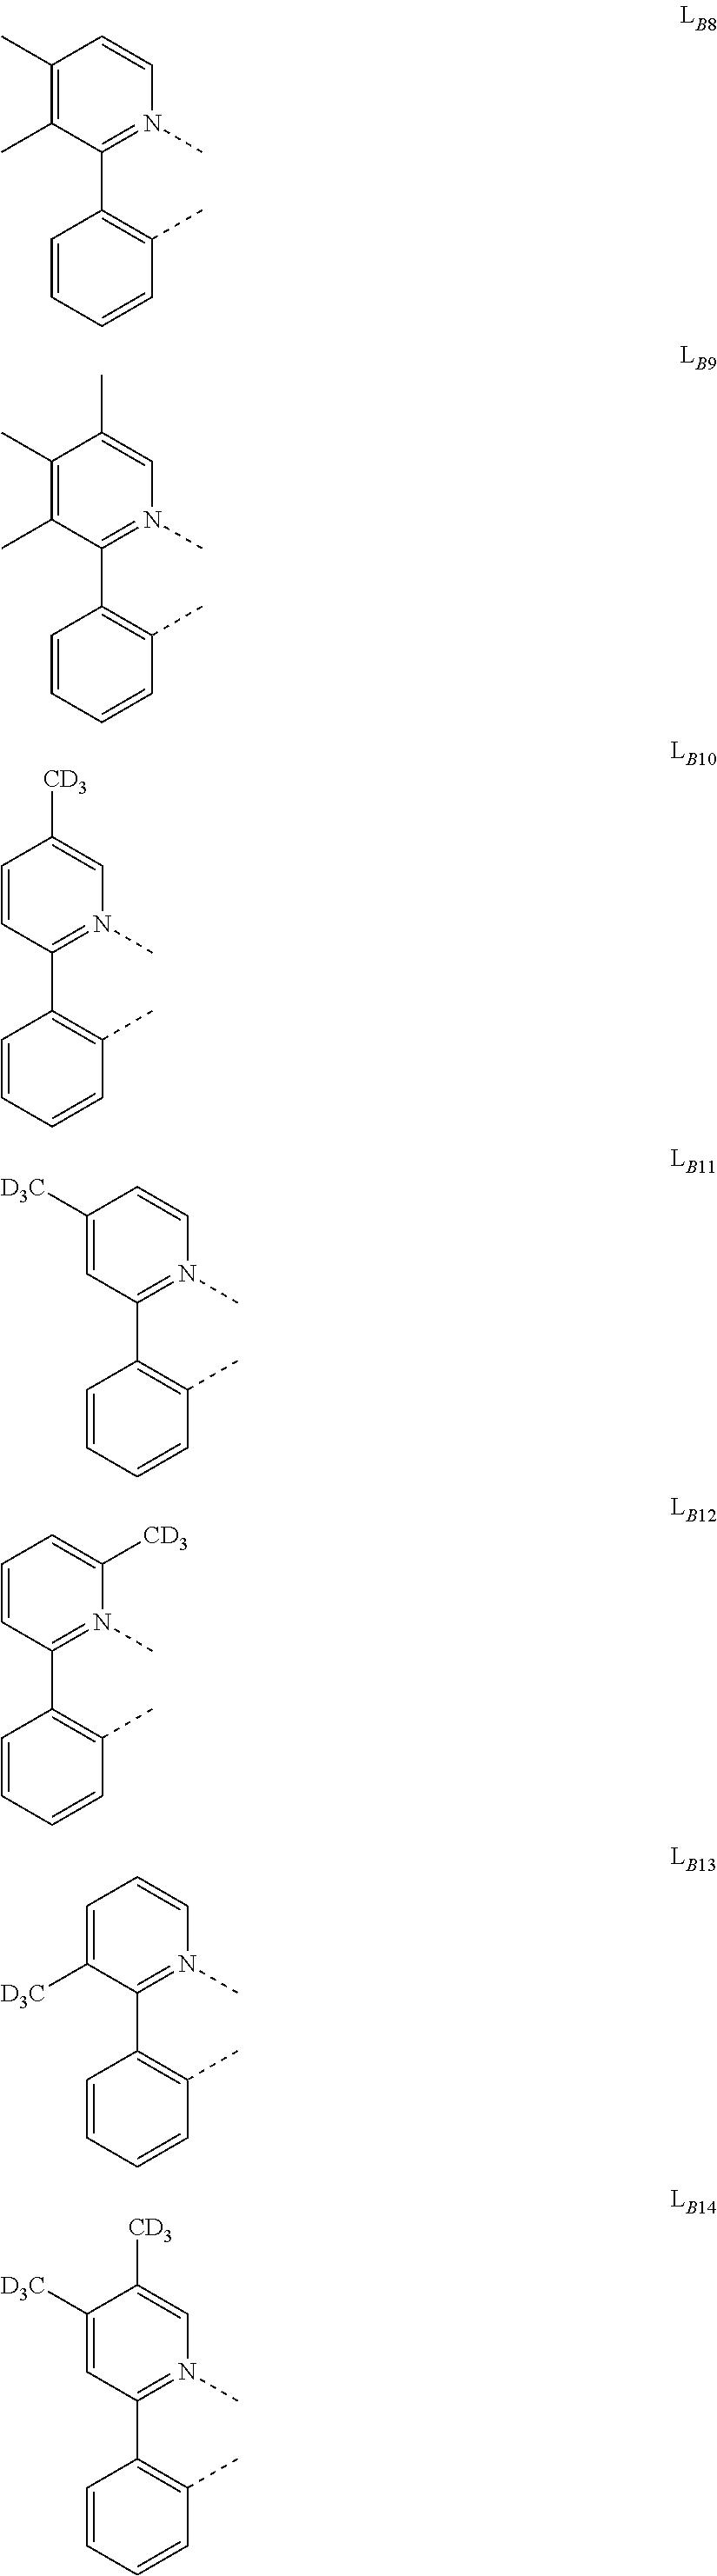 Figure US09590194-20170307-C00048